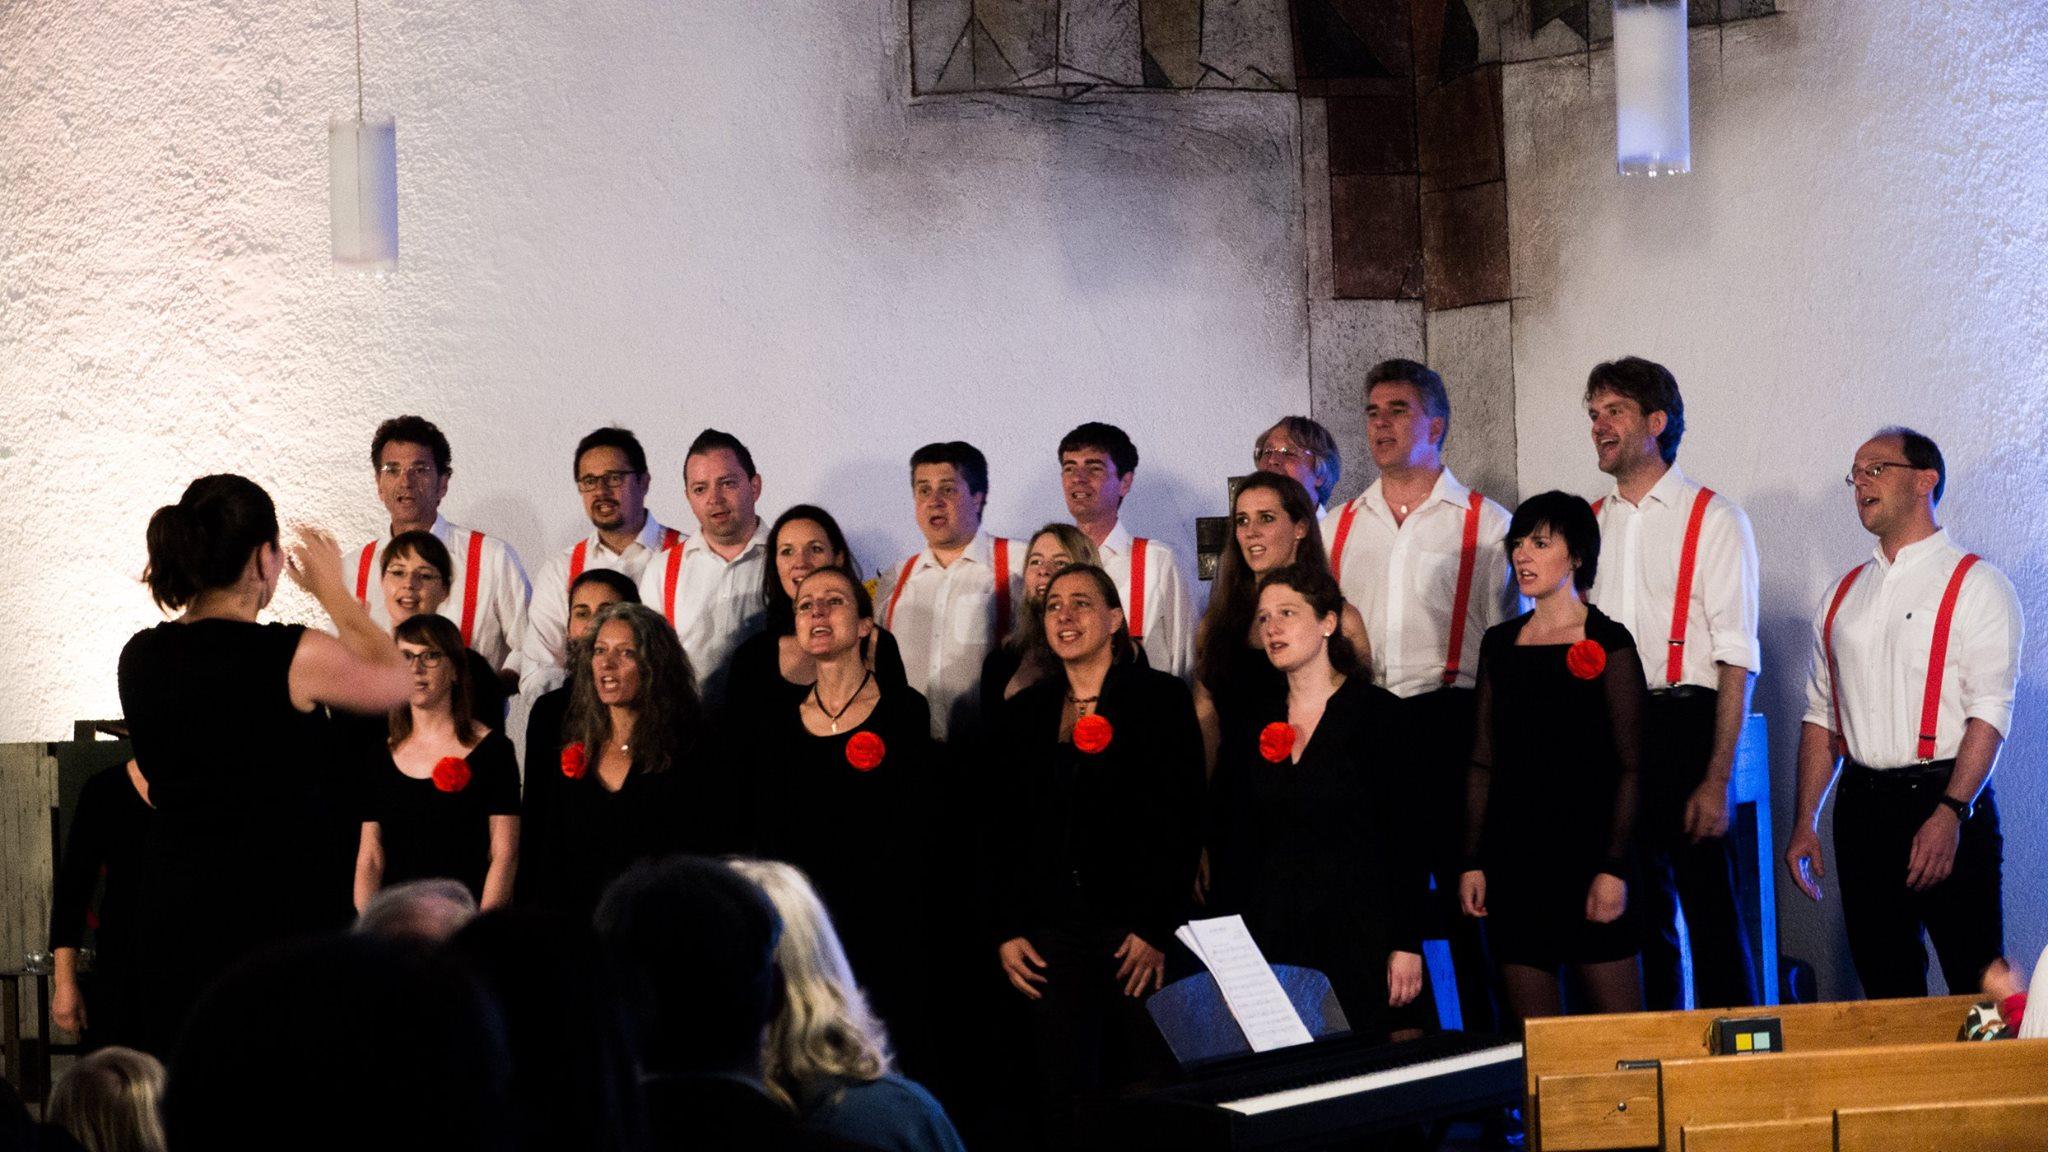 Chornetto München singt beim Sommerkonzert 2016